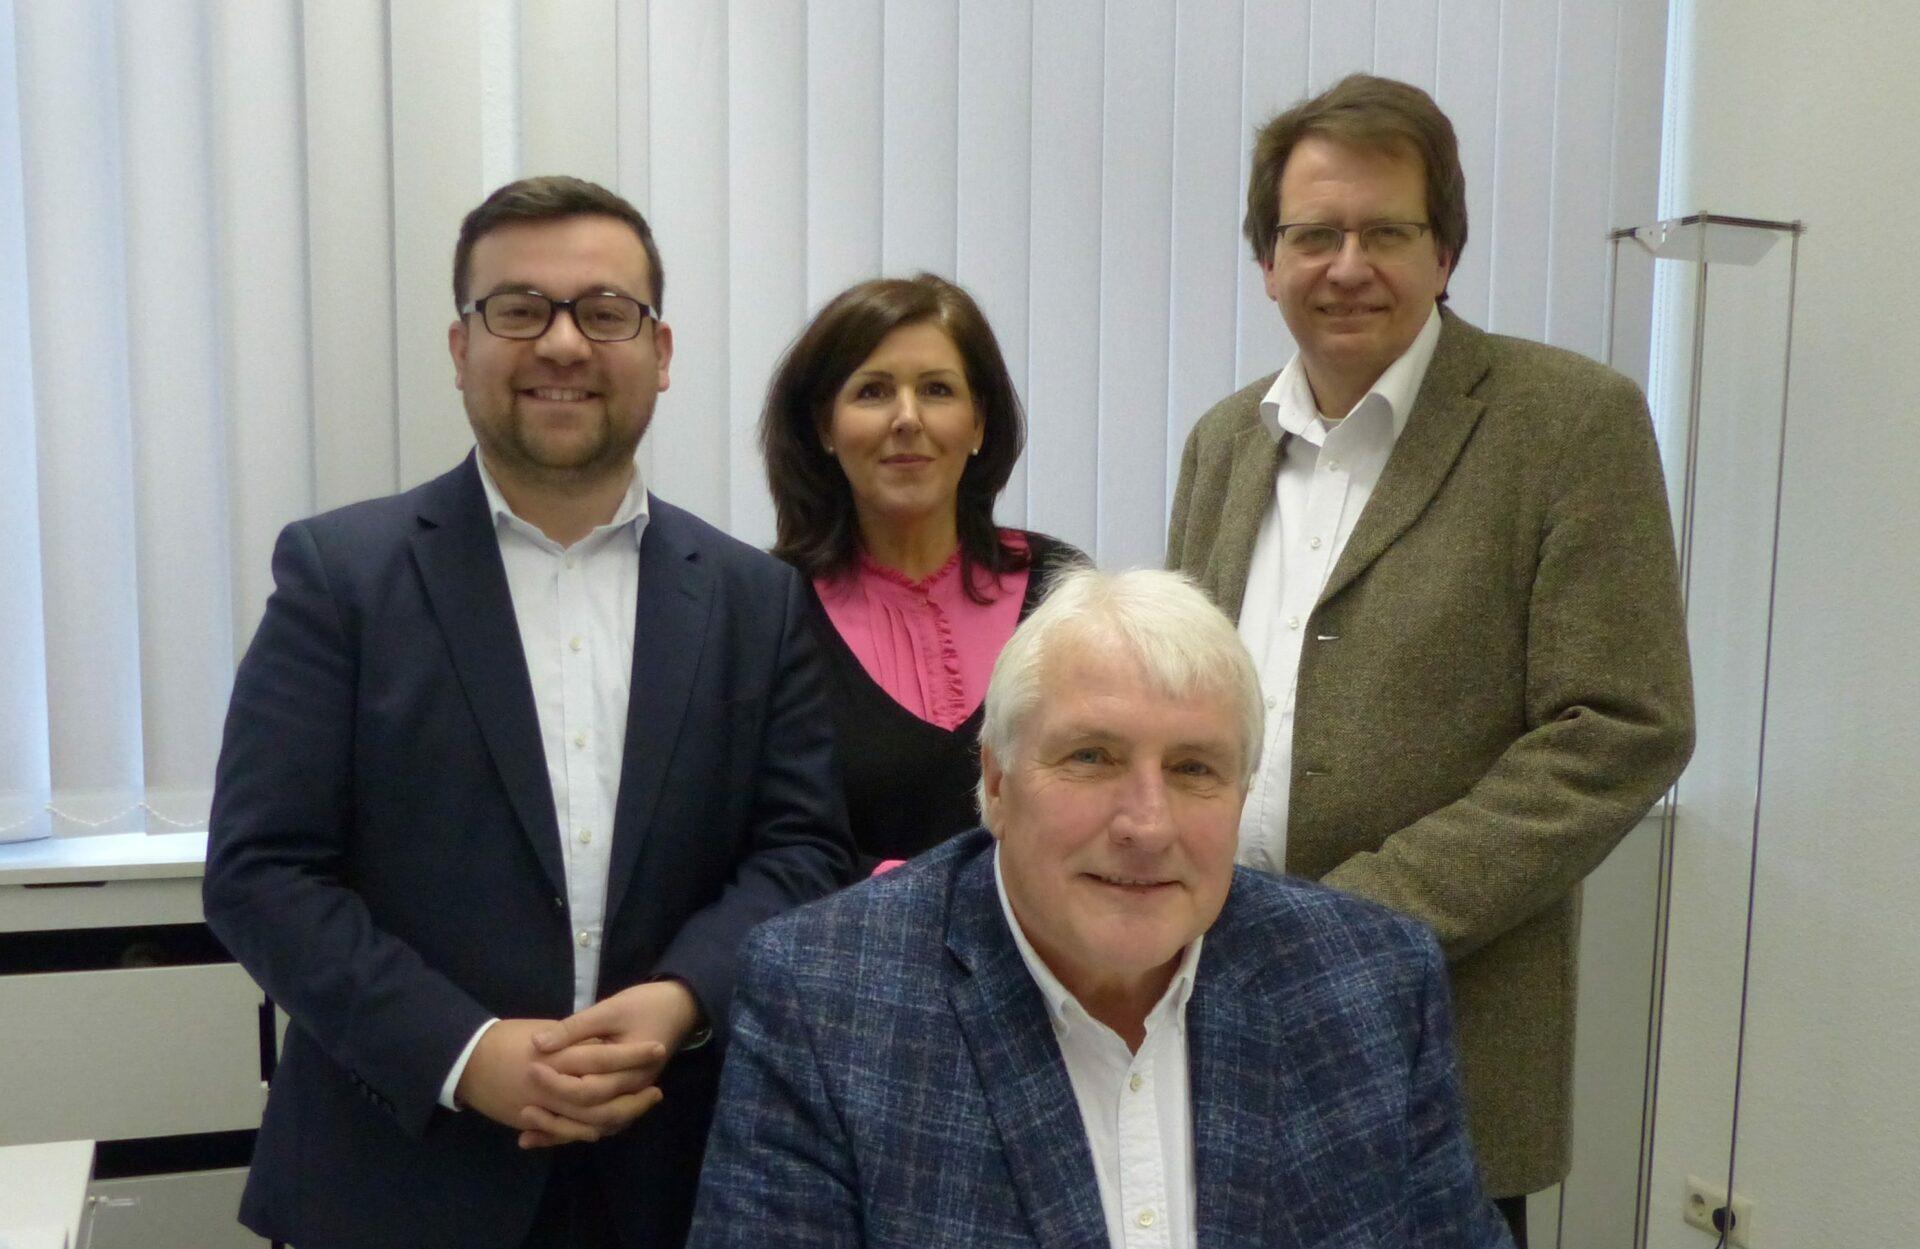 Wechsel in der städtischen Pressestelle: Ingo Rous ist neuer Pressesprecher